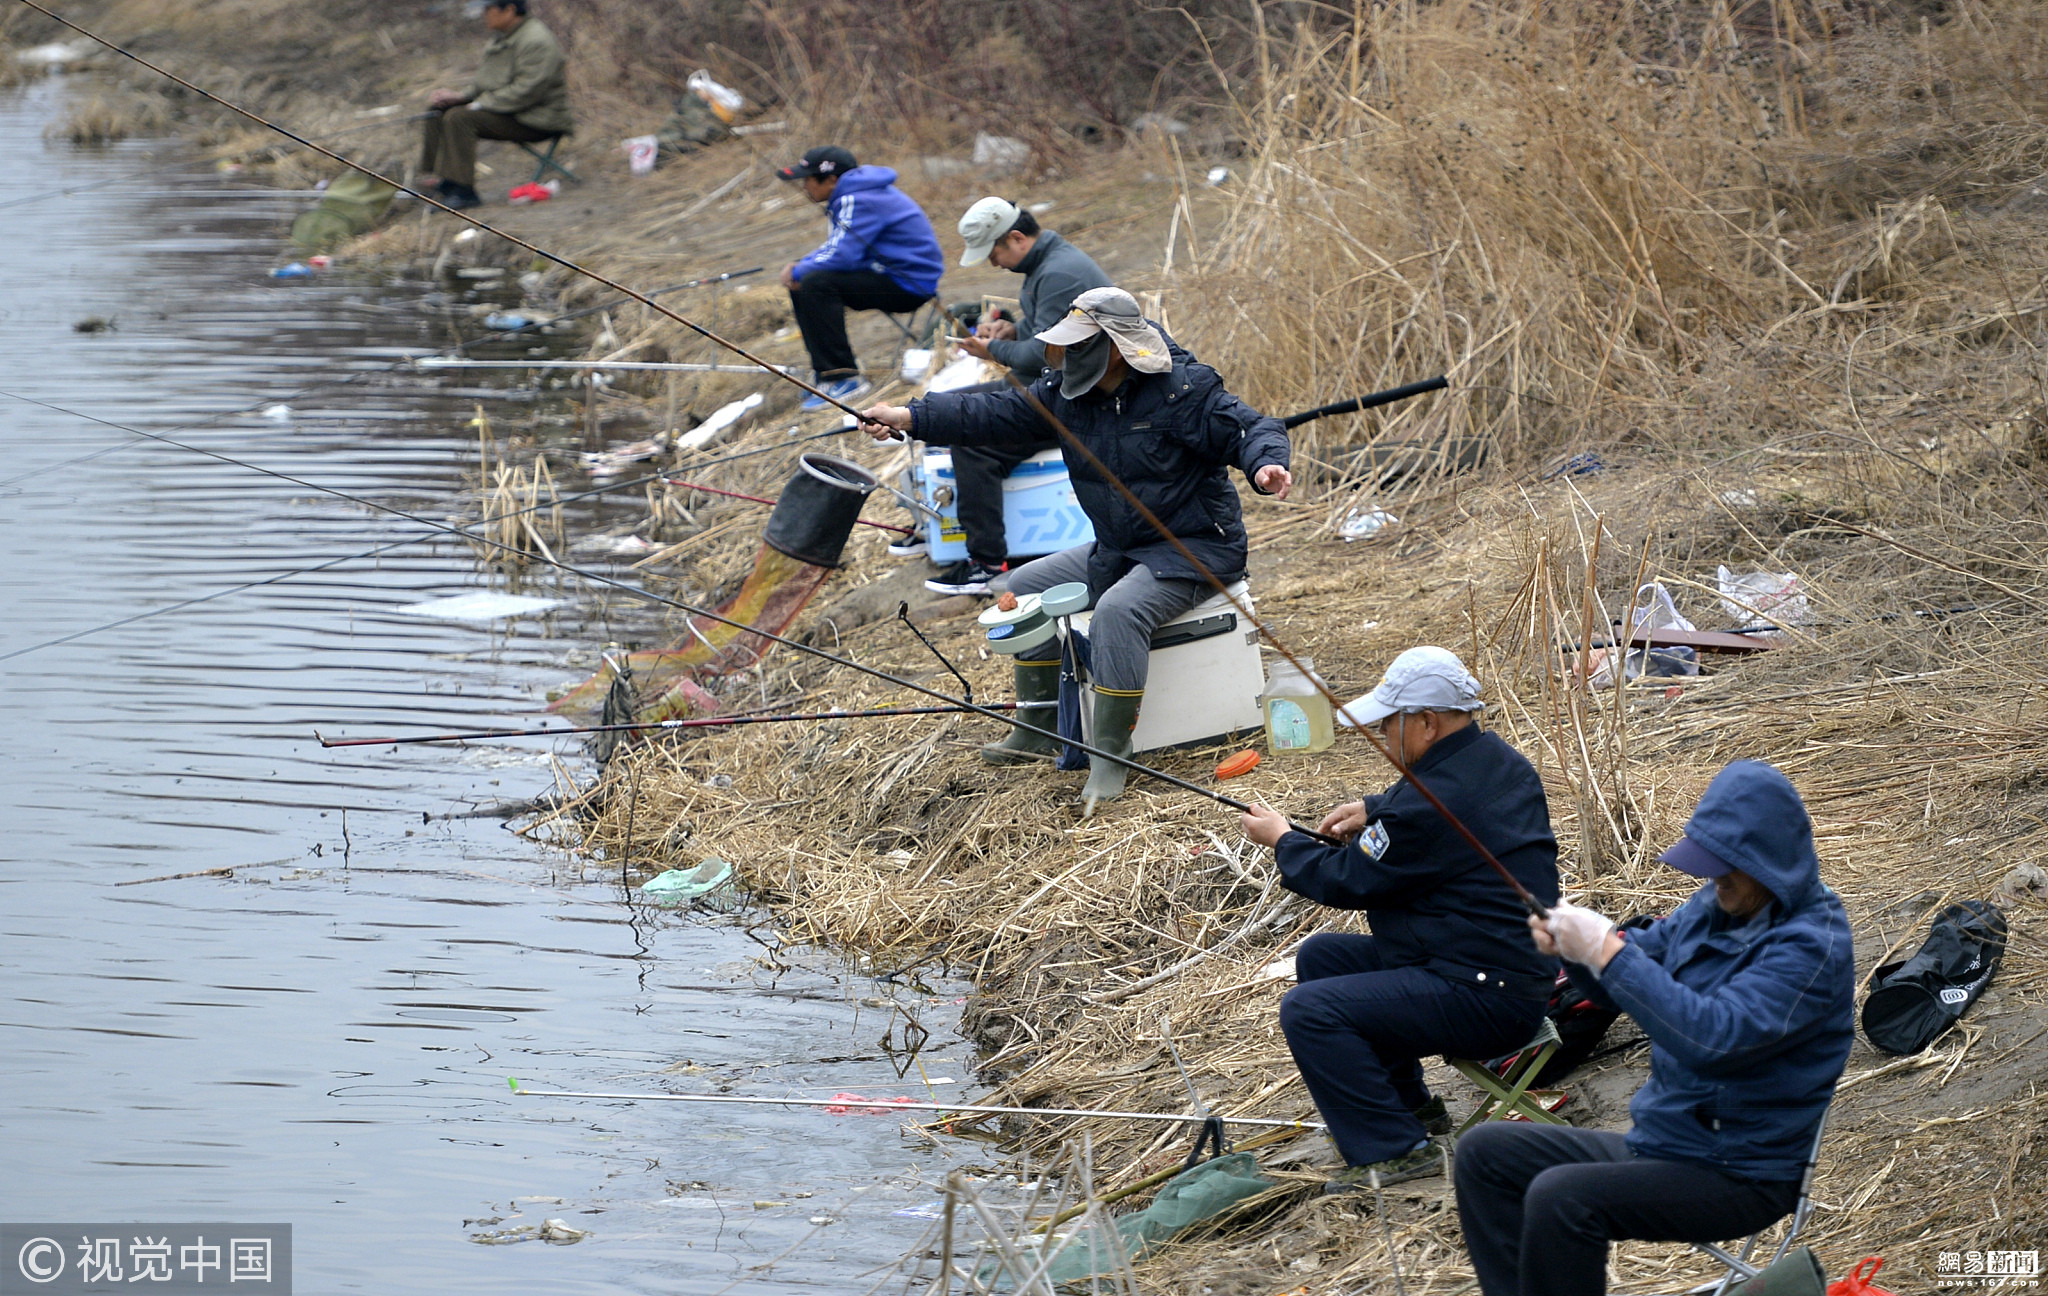 钓鱼与观花 - 长天秋水2 - 长天秋水 的博客